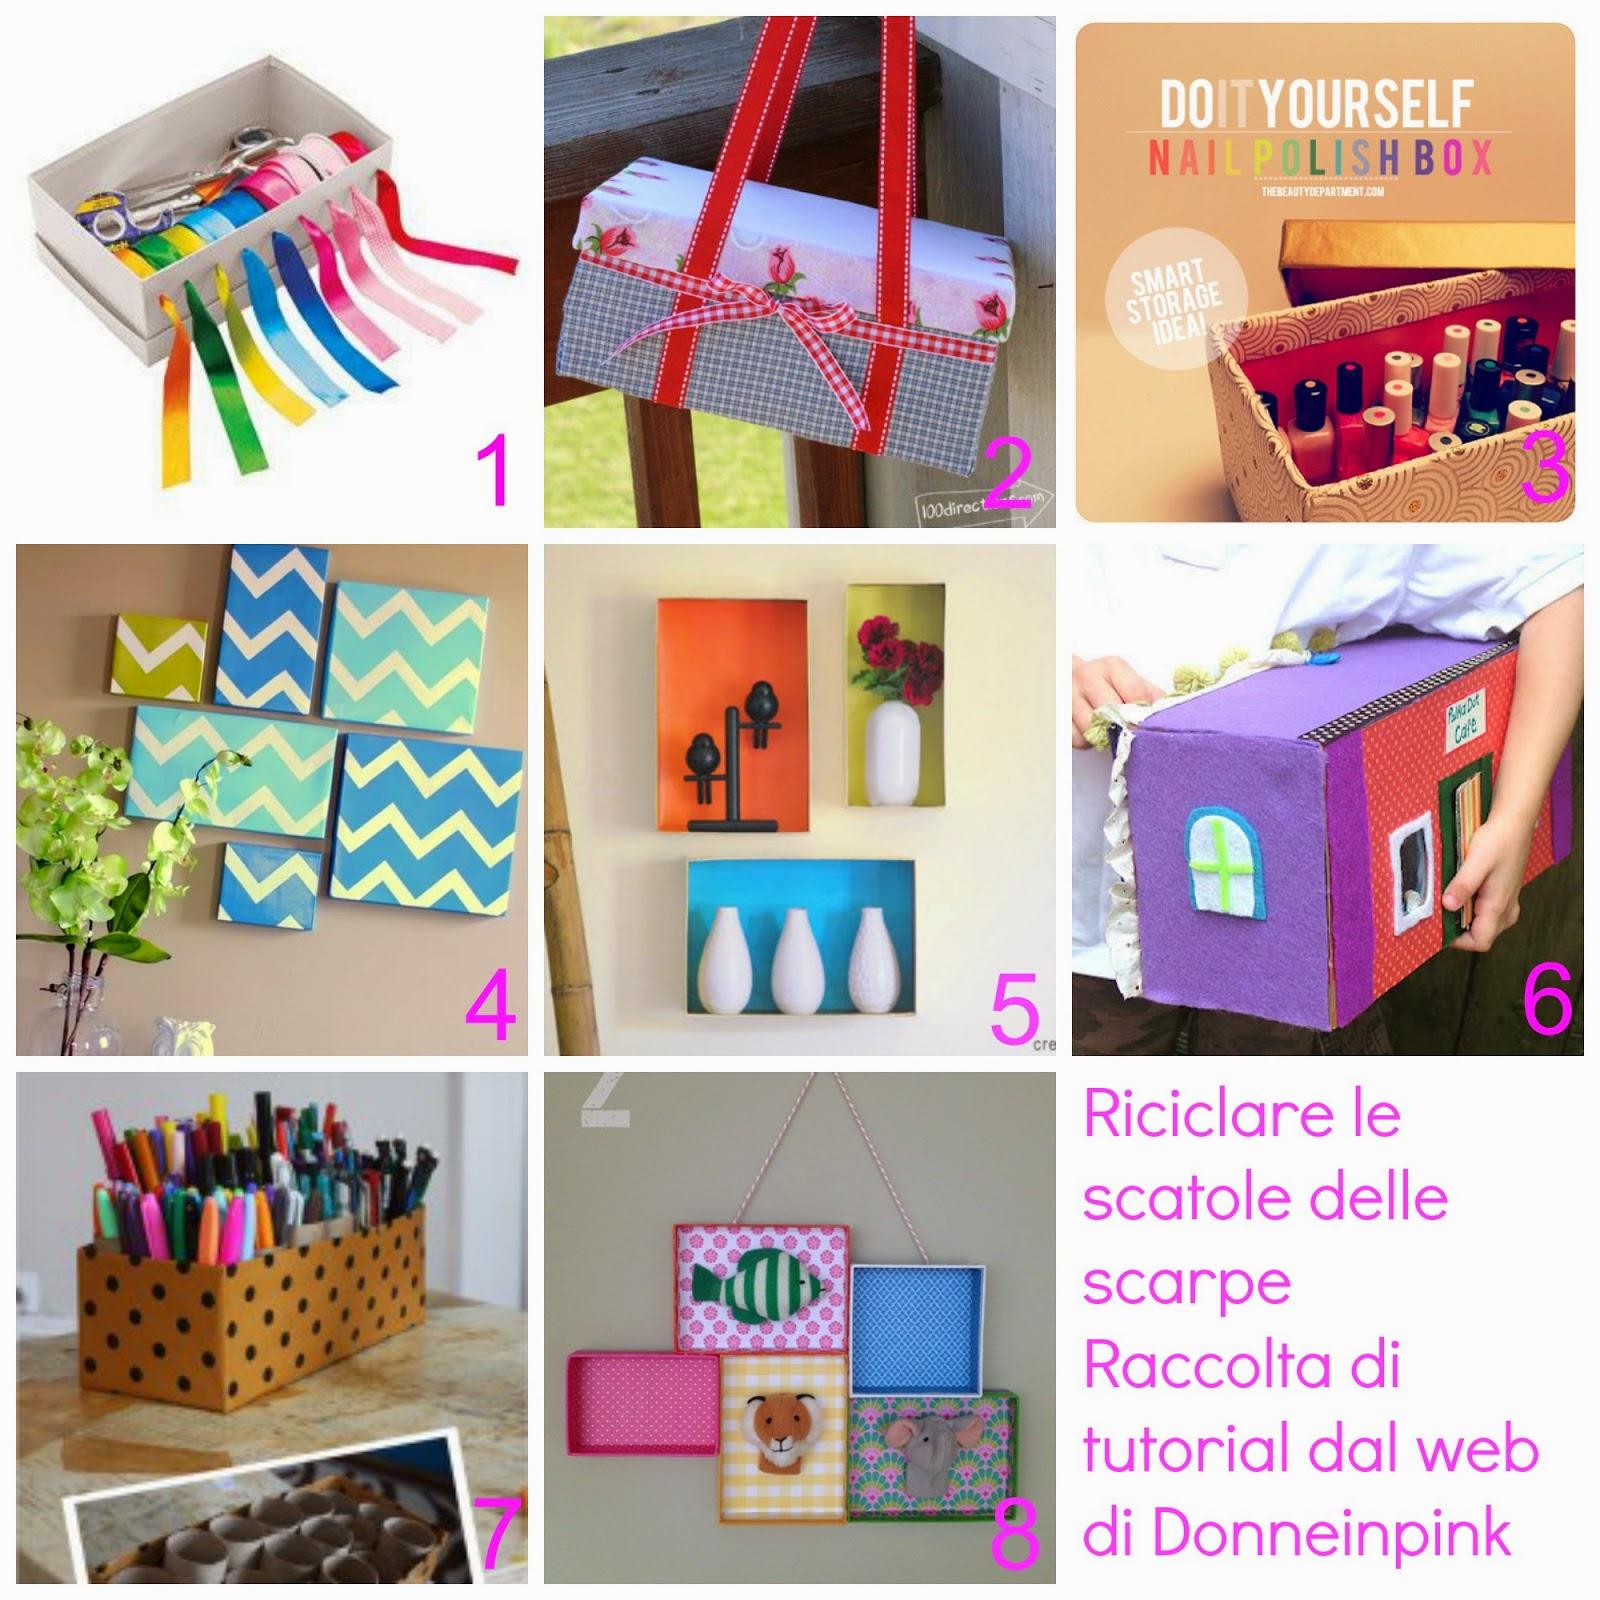 Riciclare le scatole delle scarpe riciclo scatole 14 - Idee utili per la casa ...